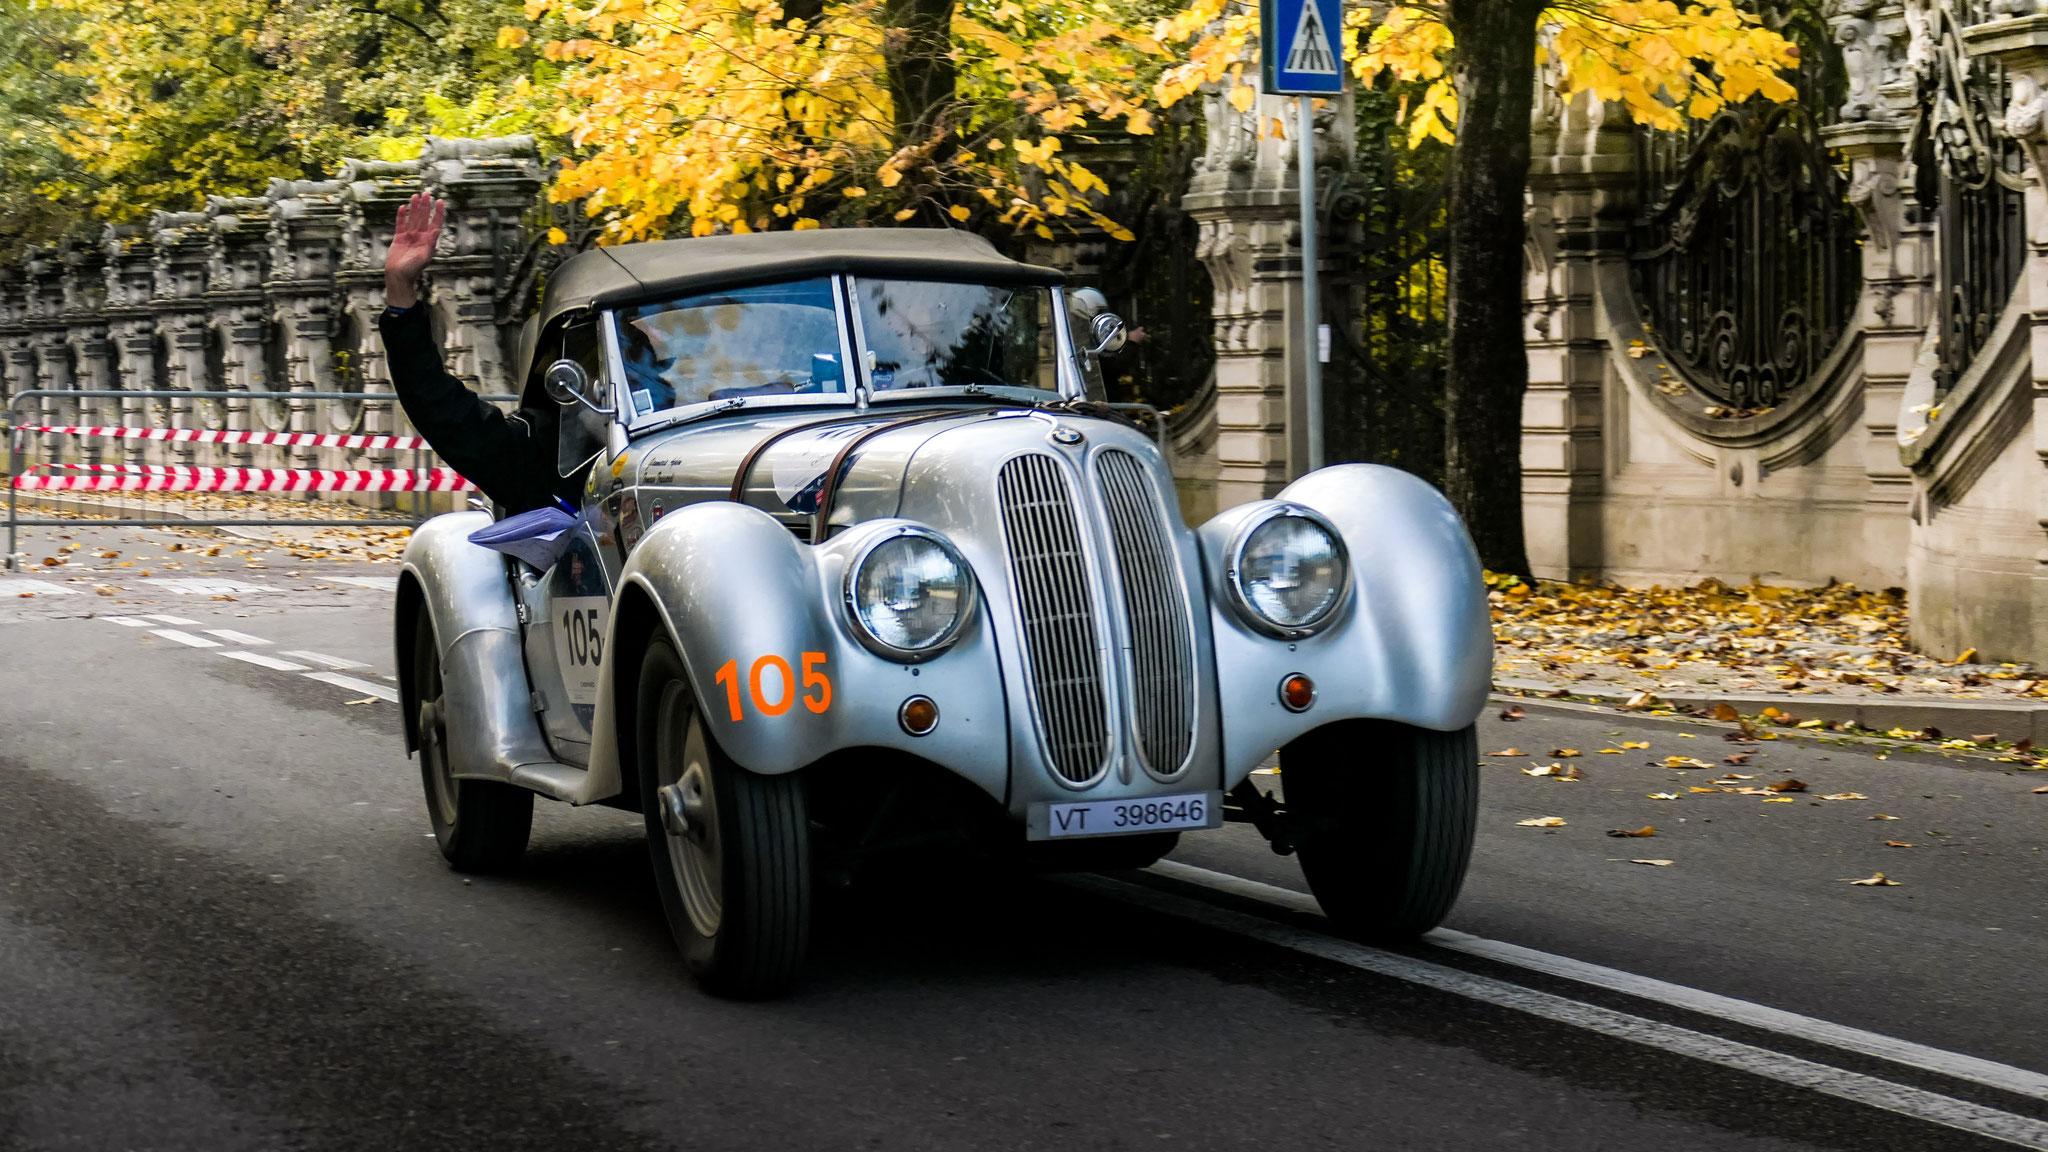 BMW 328 - VT-398646 (CH)